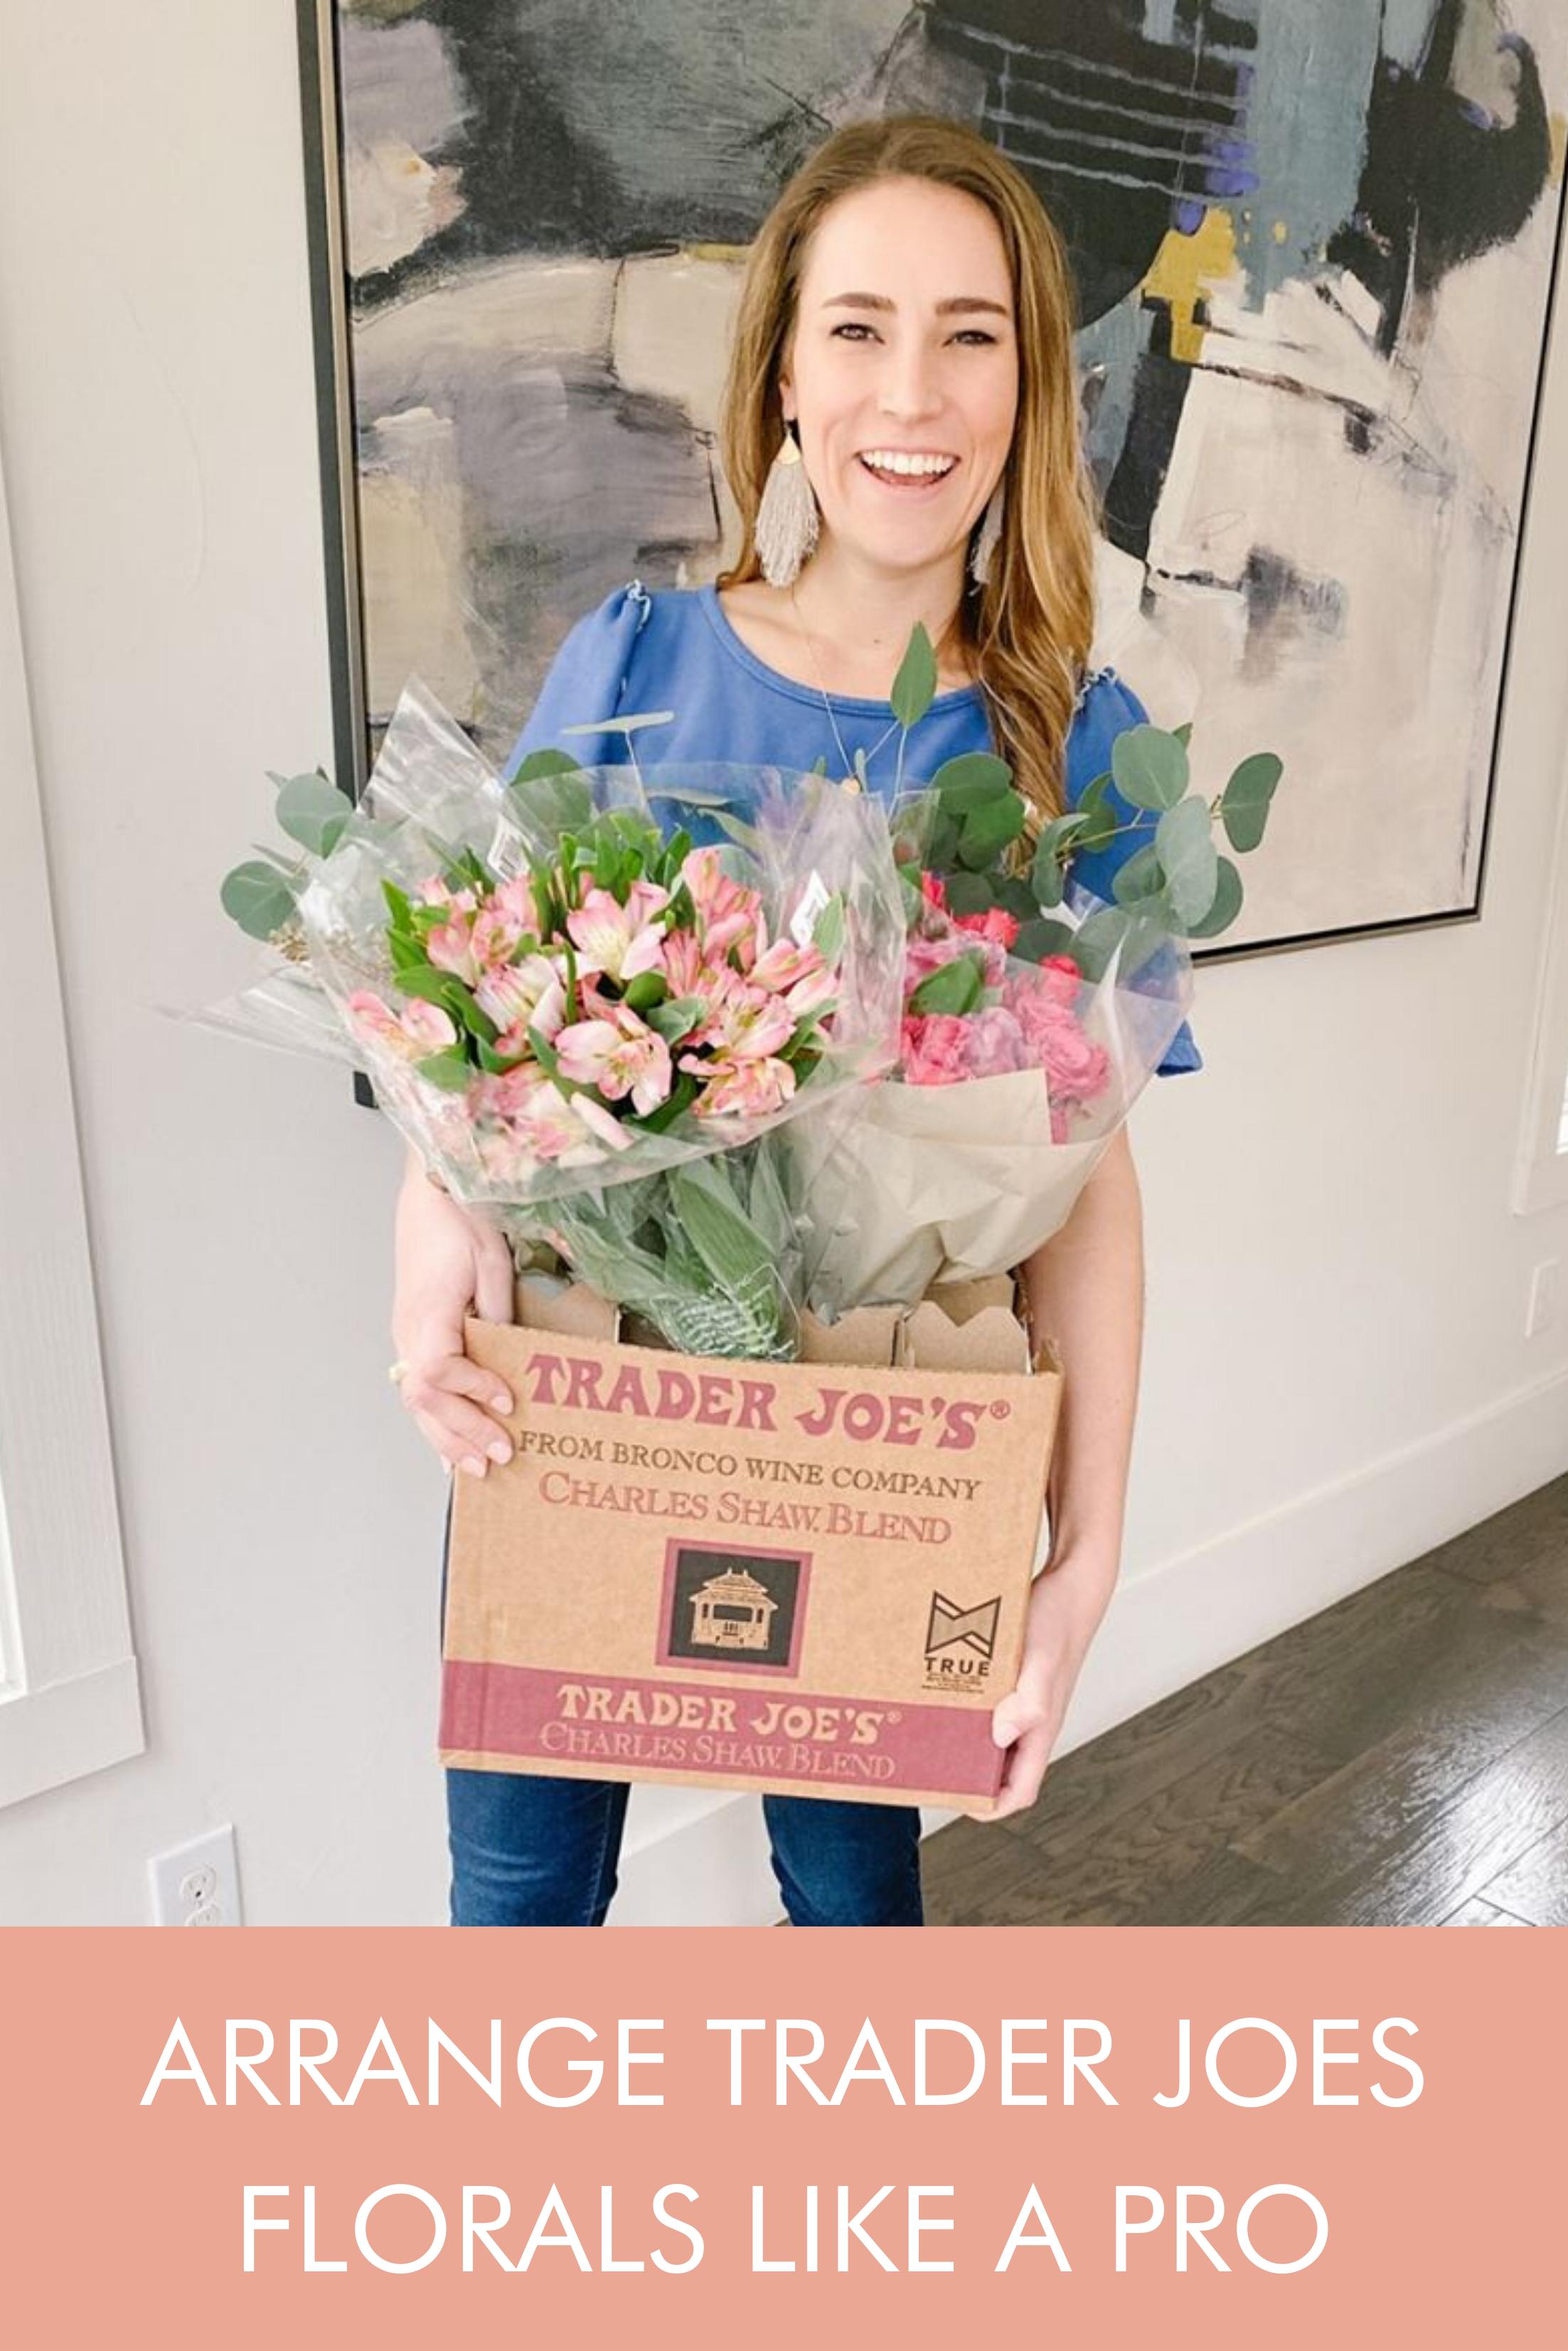 Arrange Trader Joes Florals Like A Pro In 2020 Flower Arrangements Diy Flower Arrangements Floral